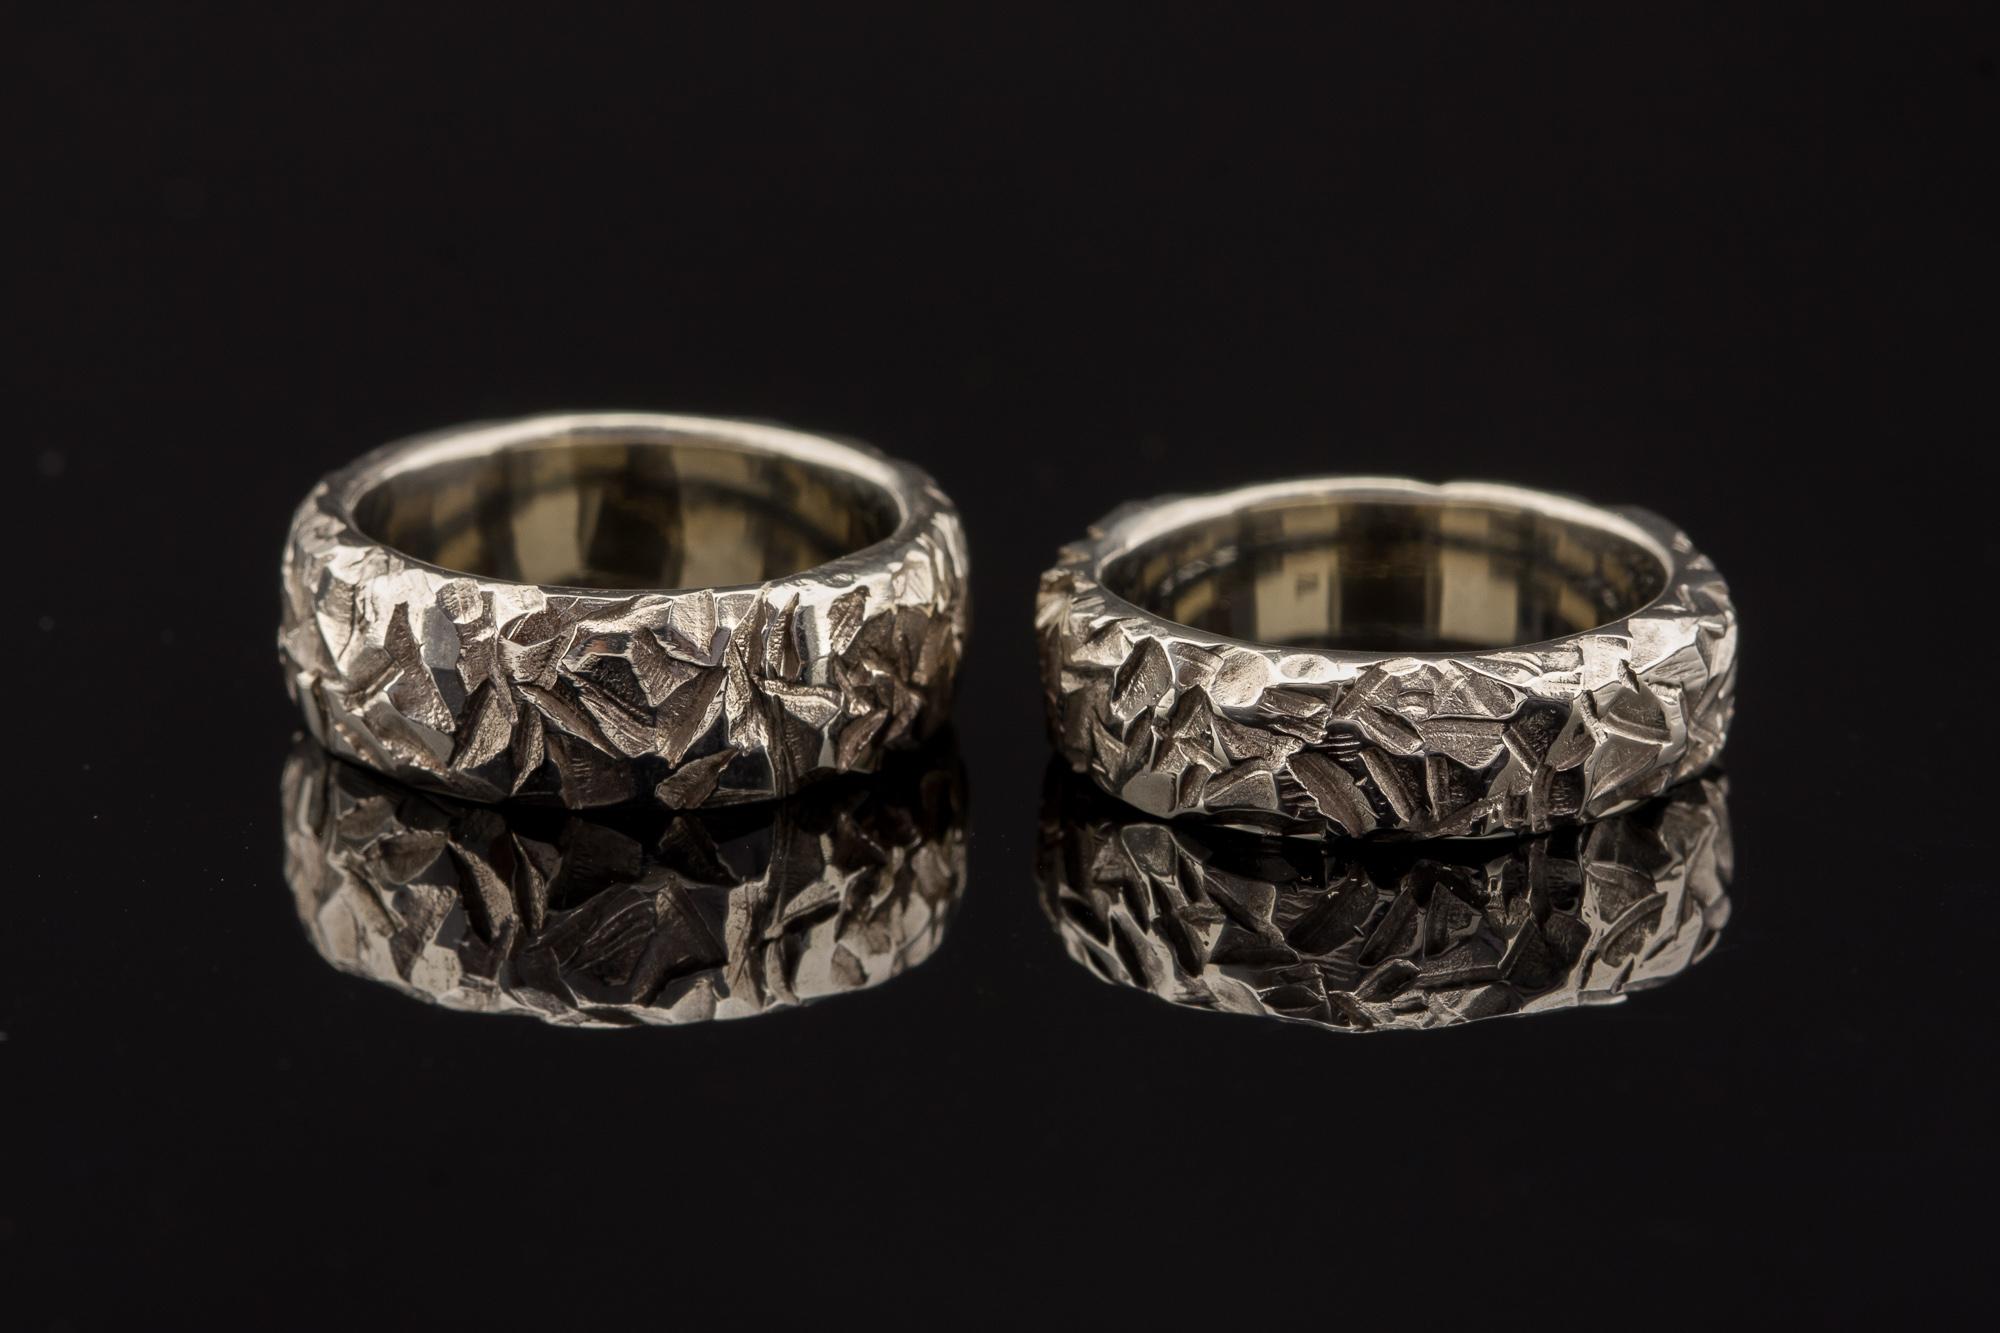 Vienetiniai vestuviniai žiedai iš balto aukso.